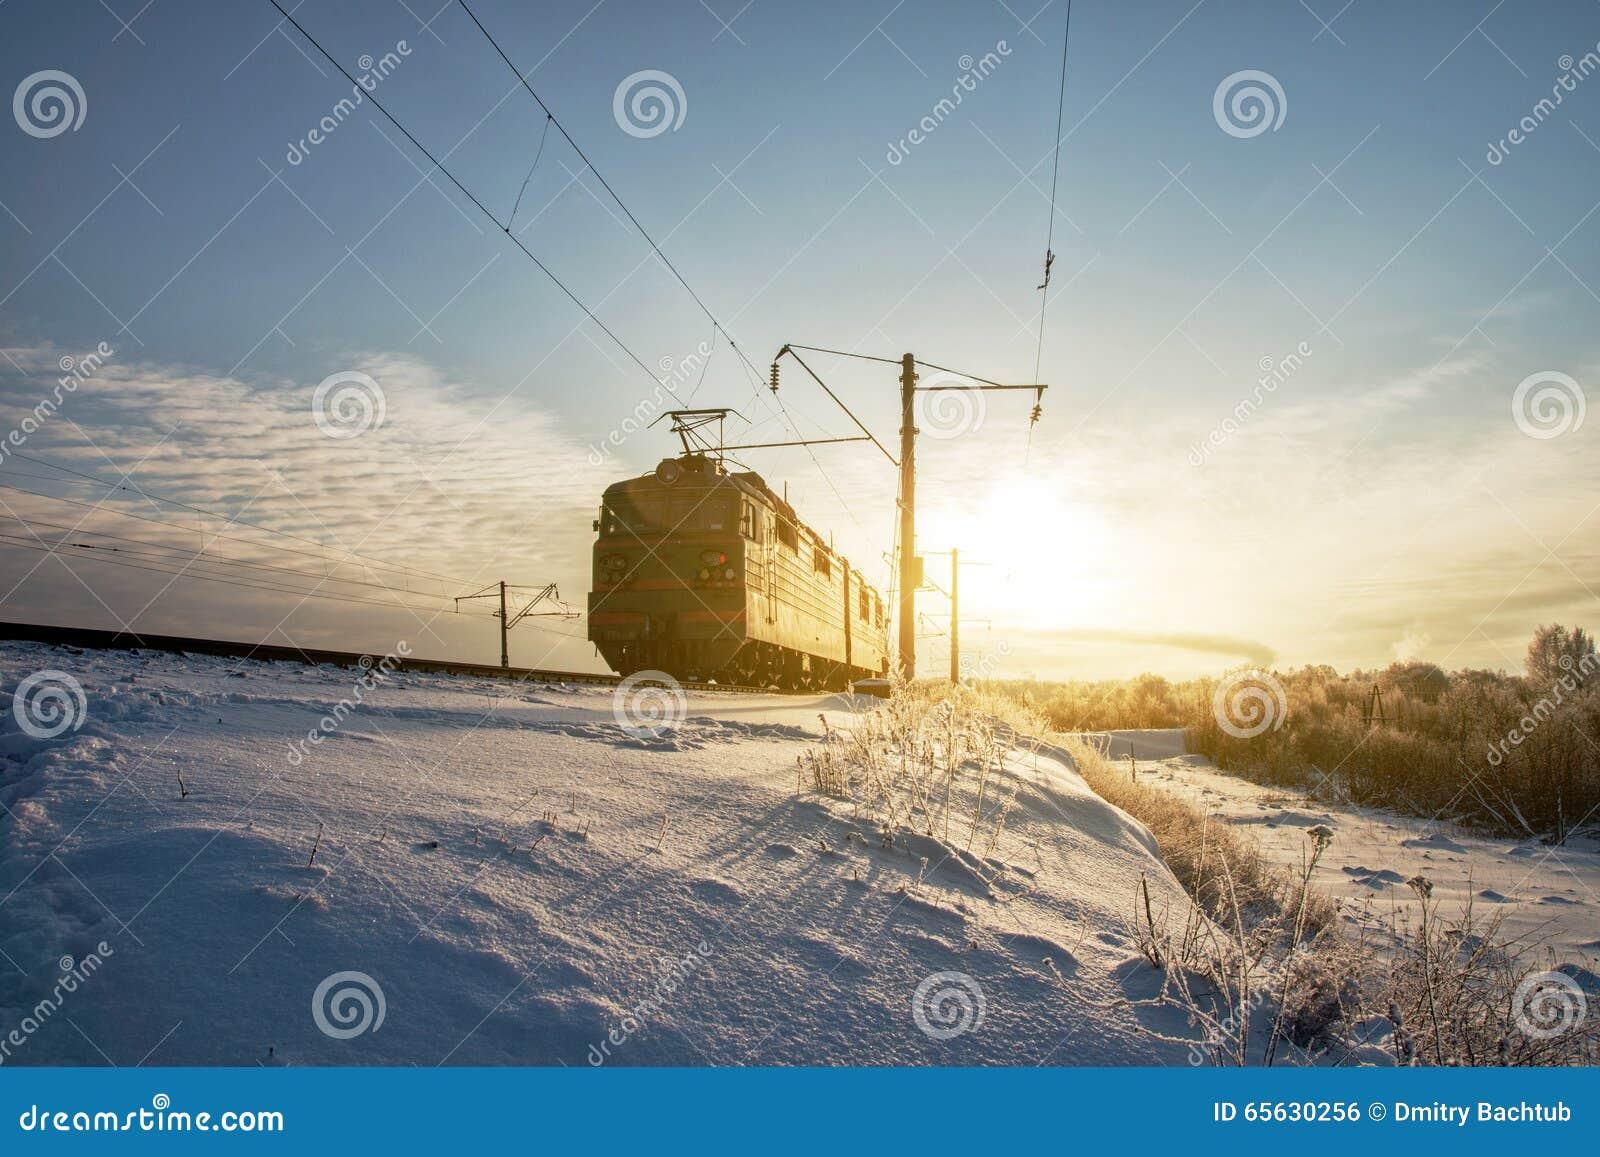 Rail courant locomotif givré